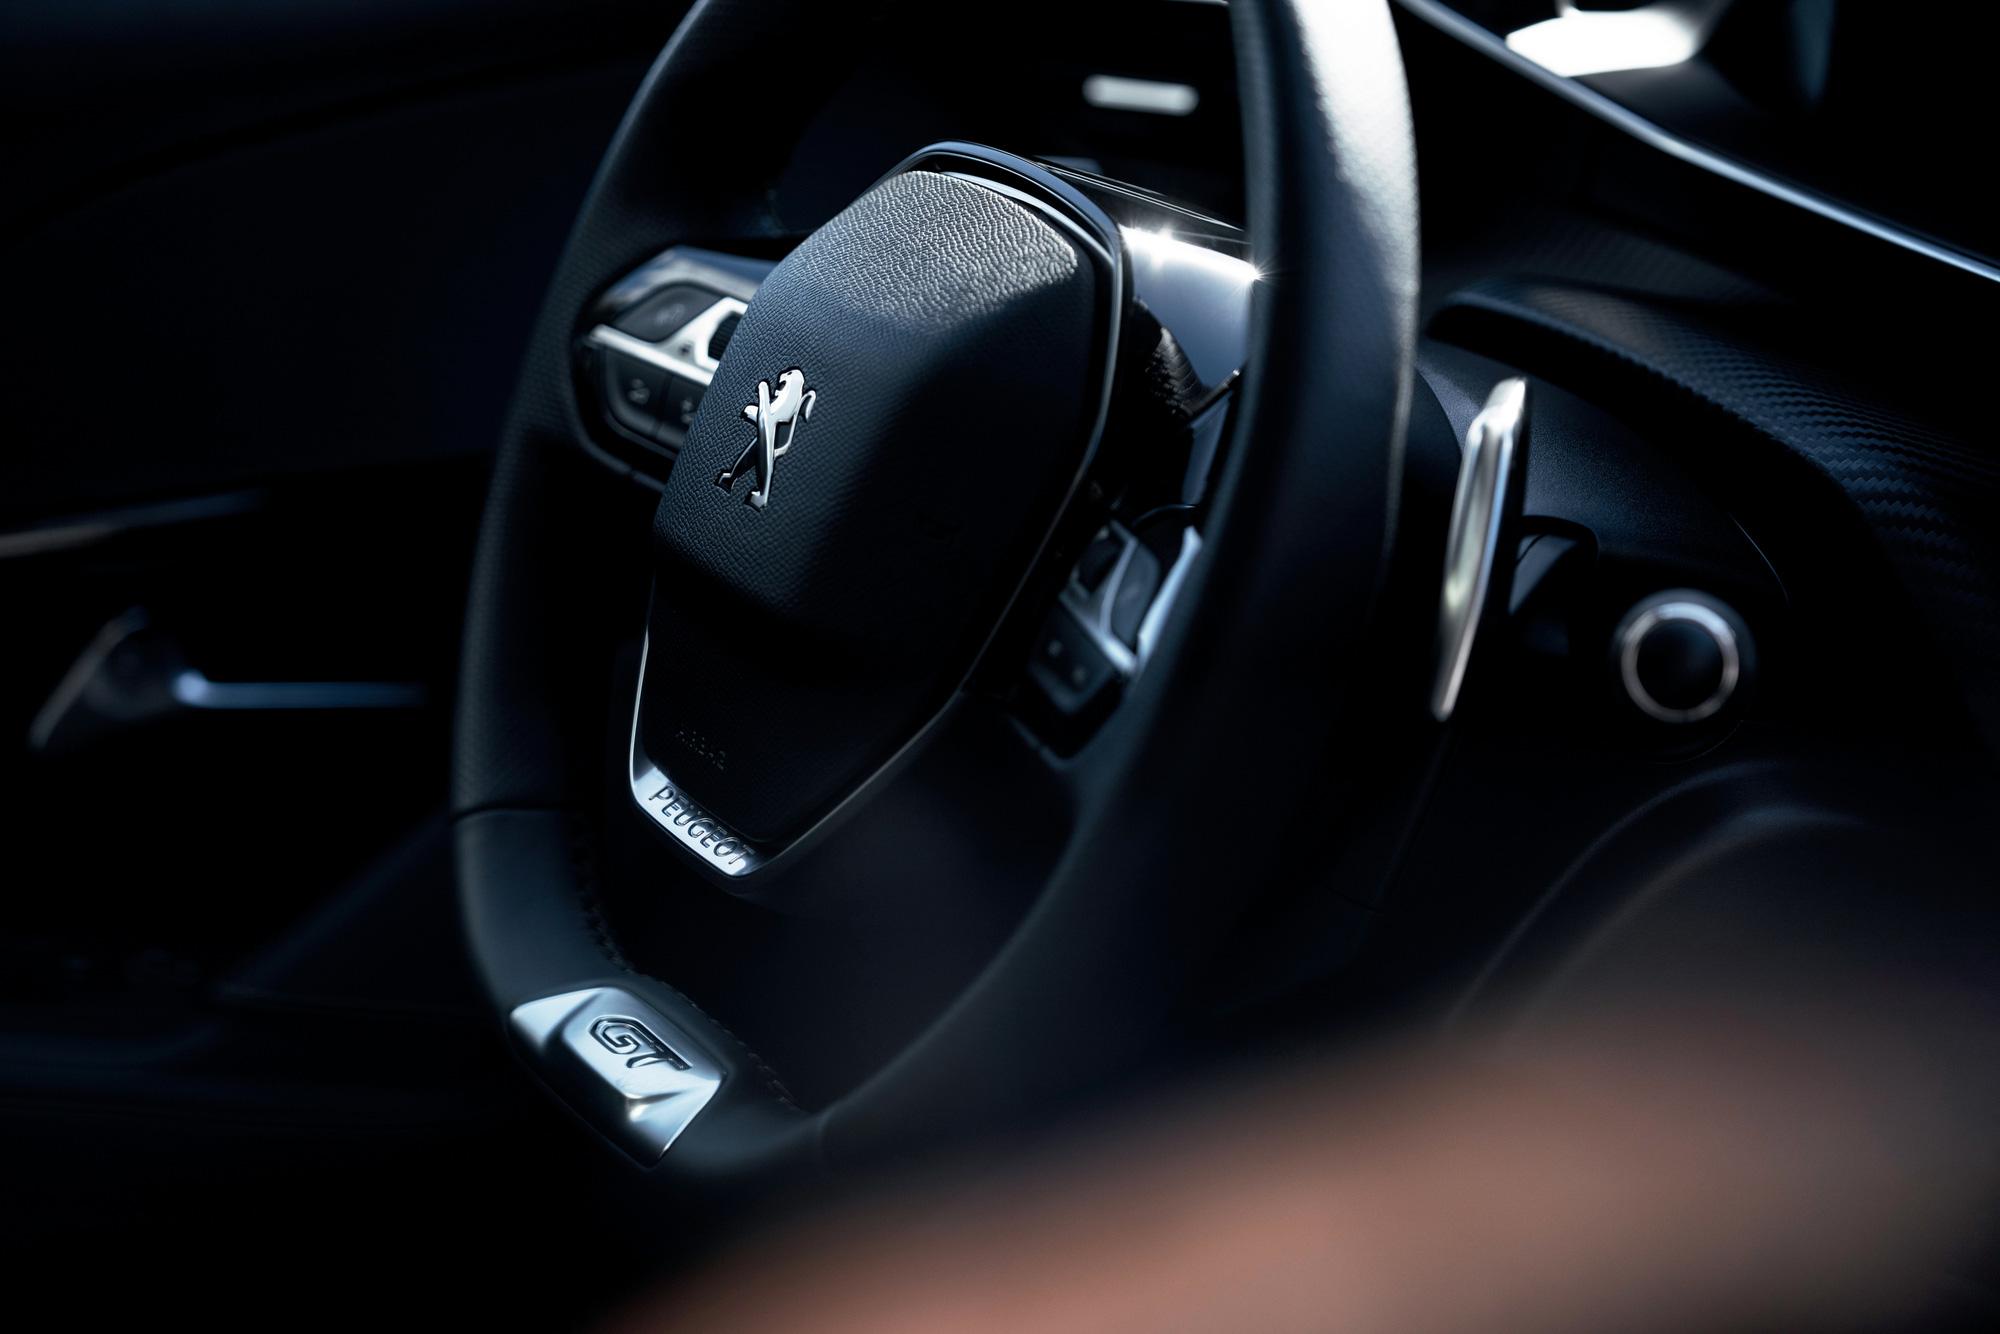 Vô-lăng D-cut: Điểm nhấn thiết kế riêng biệt của Peugeot - Ảnh 5.